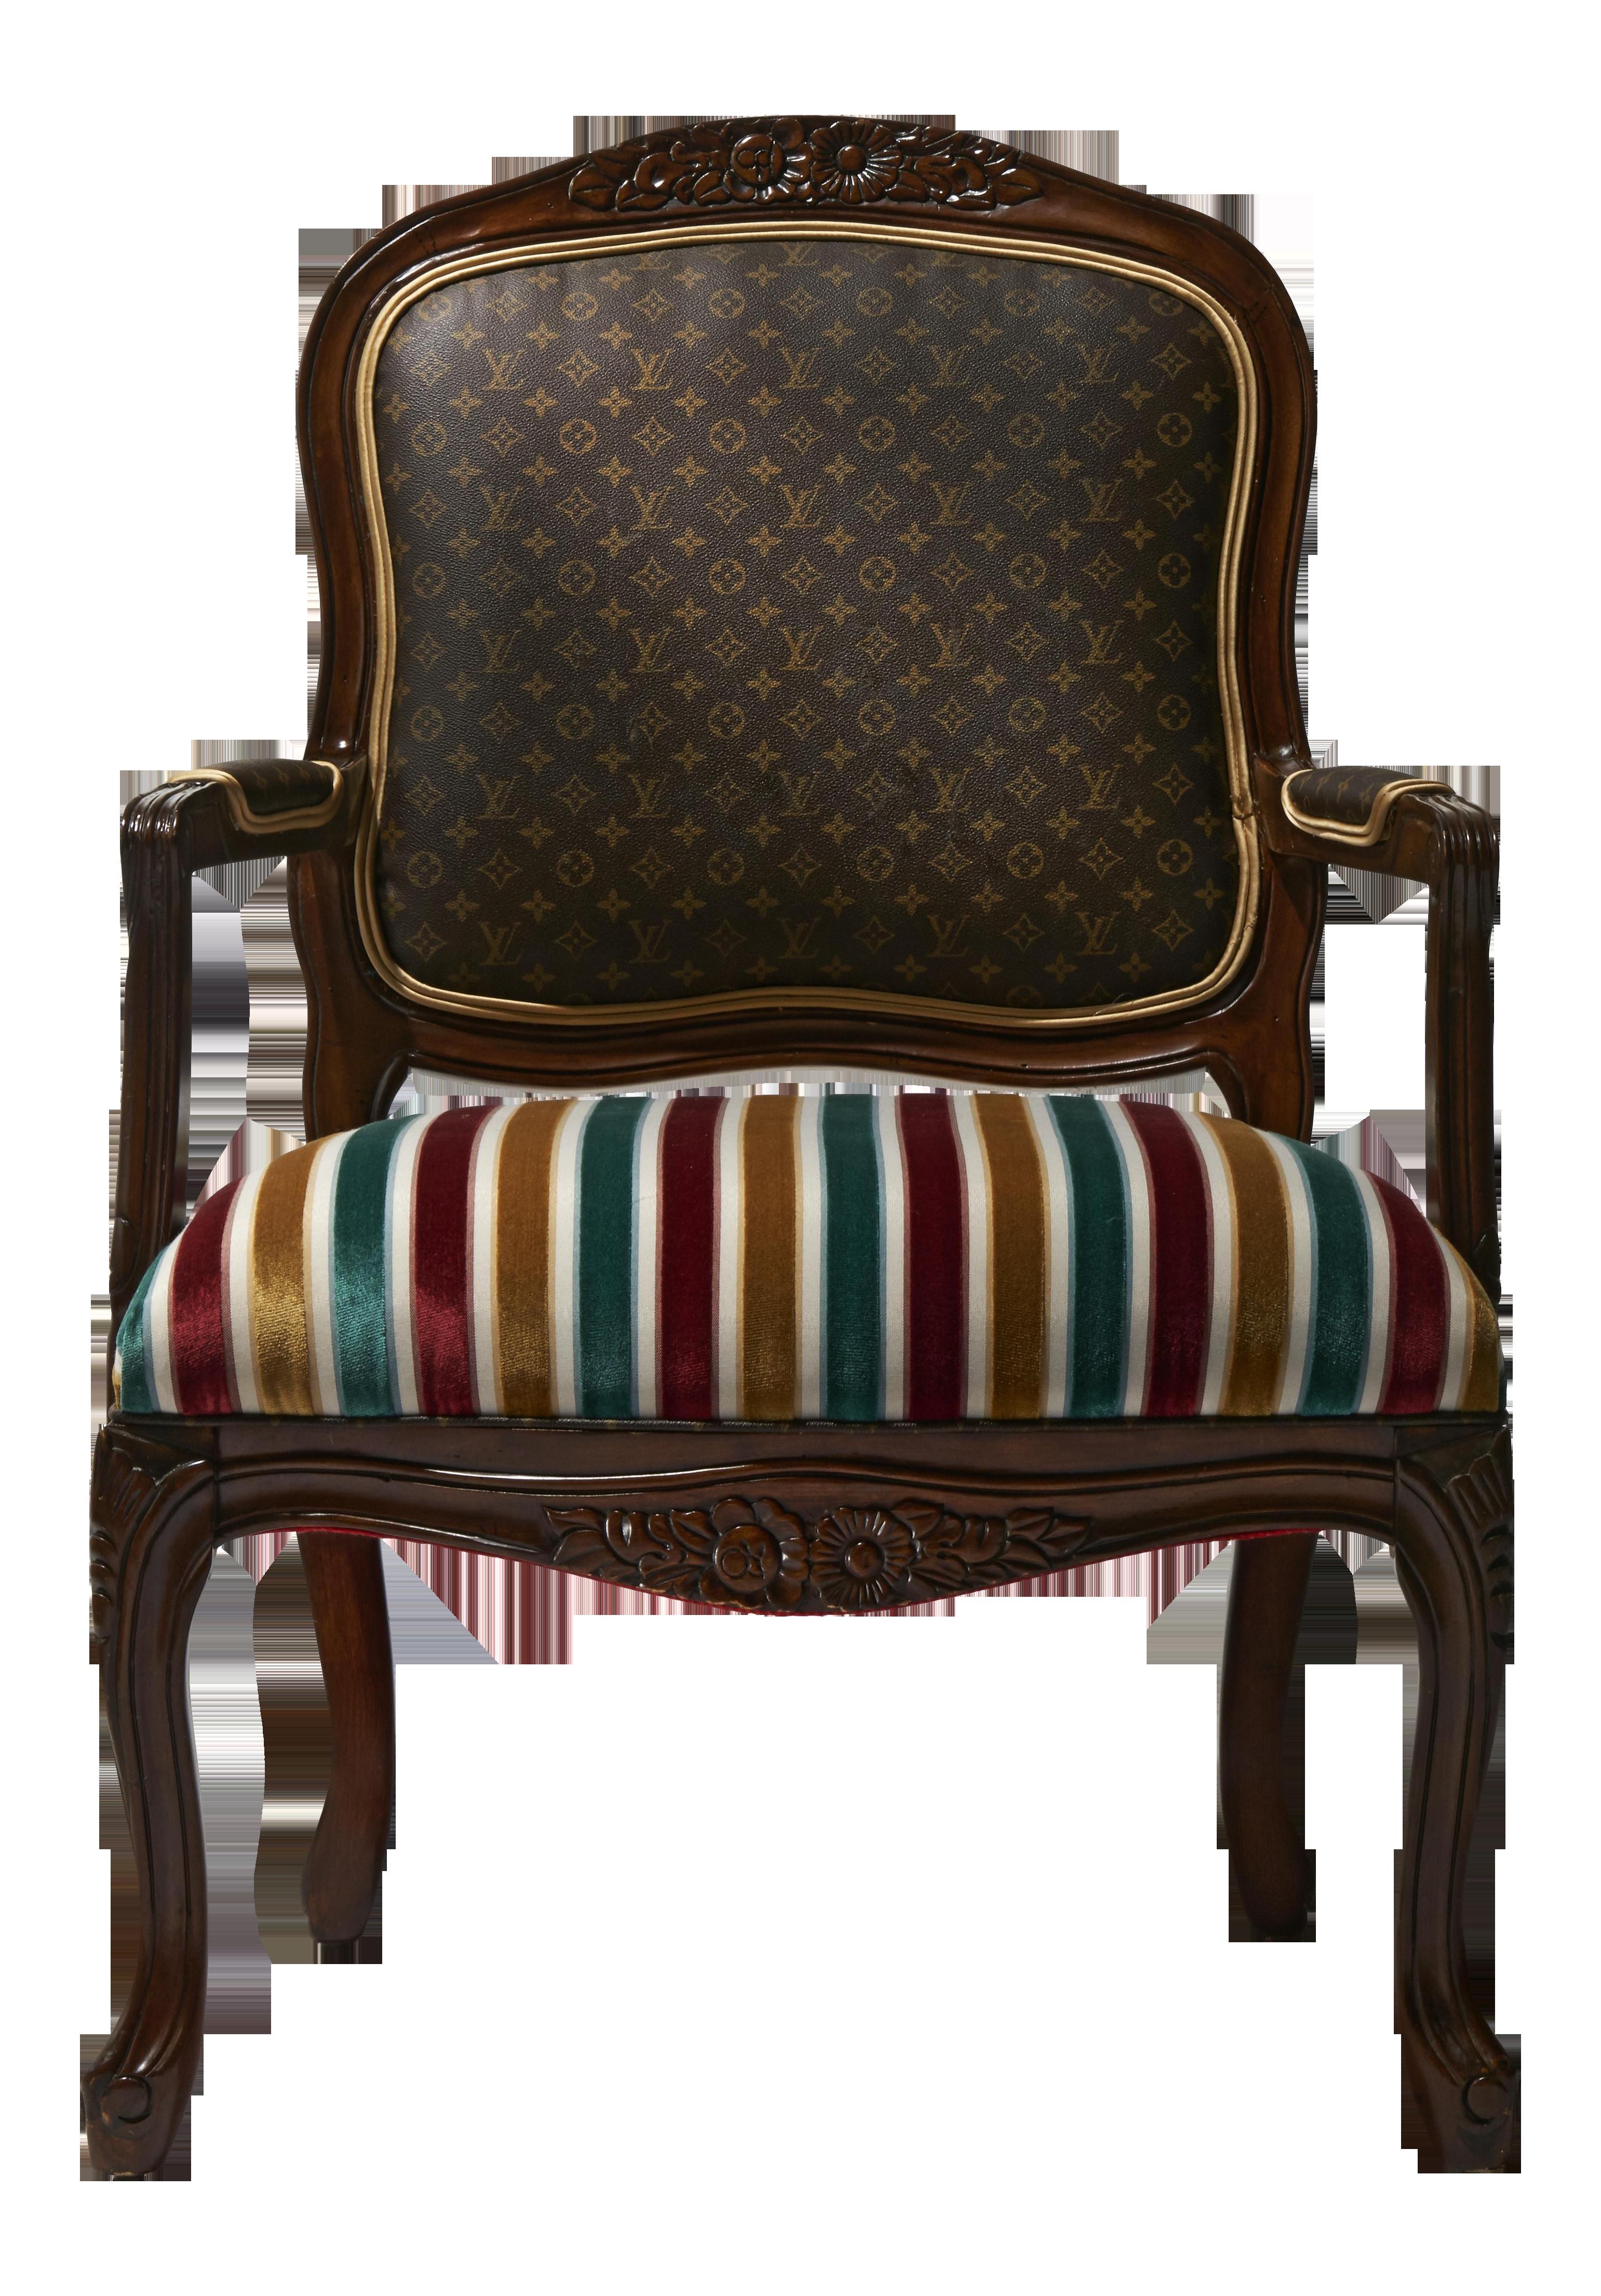 Louis Xv Chair With Louis Vuitton Canvas Chairish